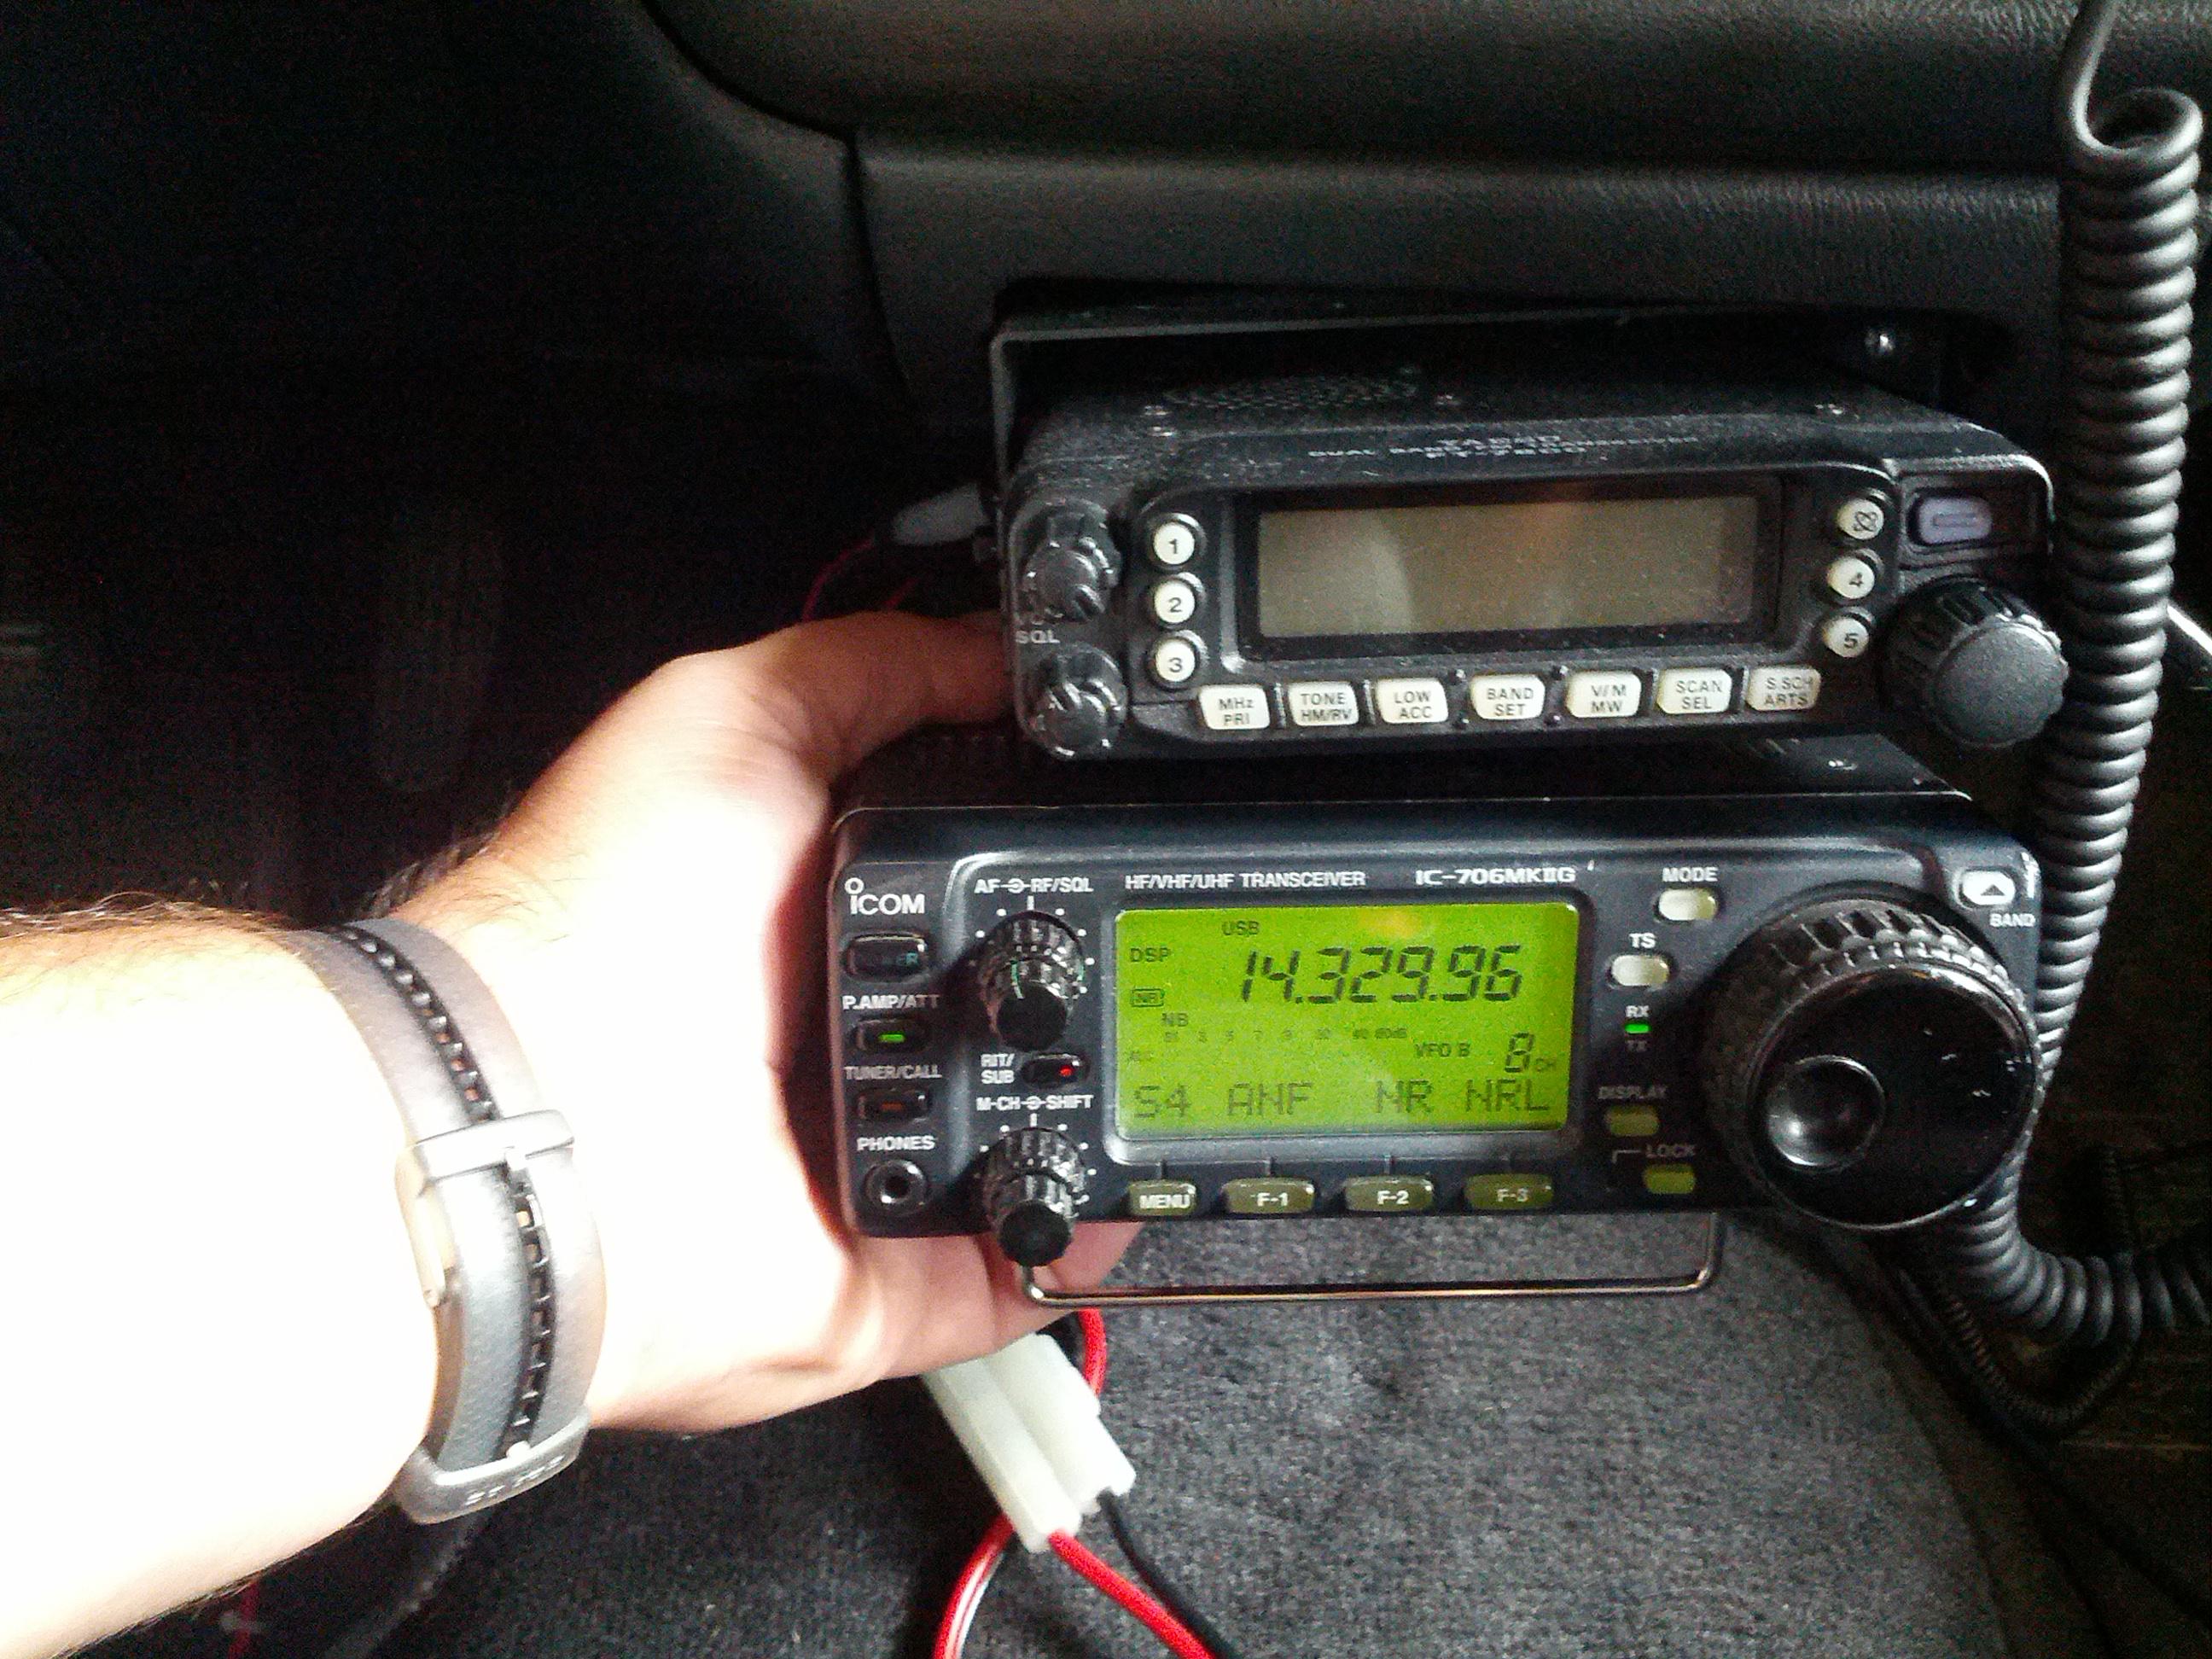 ic-706 | KE8P US